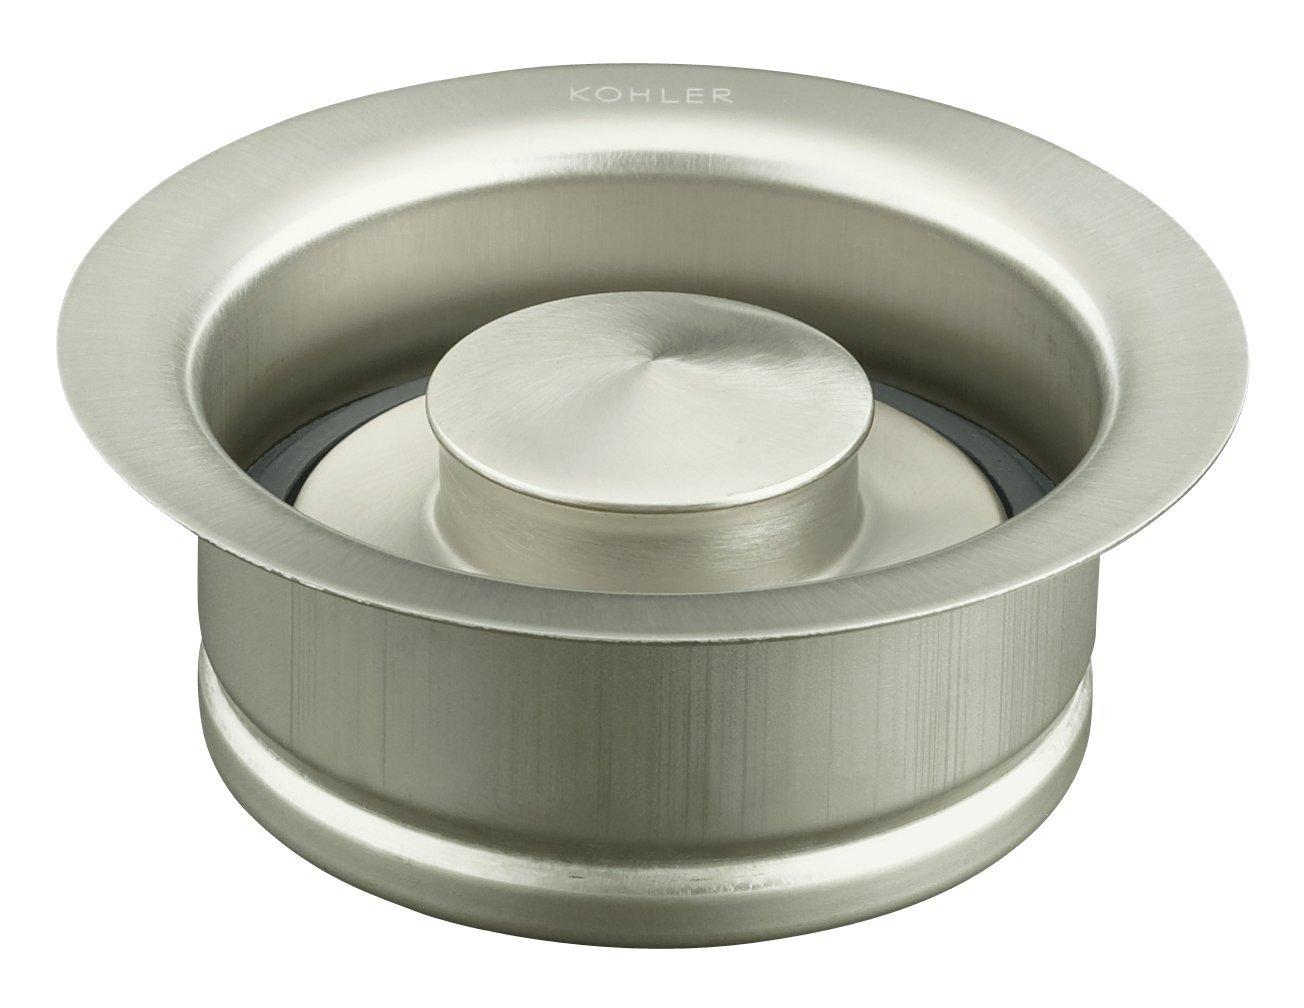 KOHLER K-11352-BN Disposal Flange, Vibrant Brushed Nickel by Kohler (Image #2)